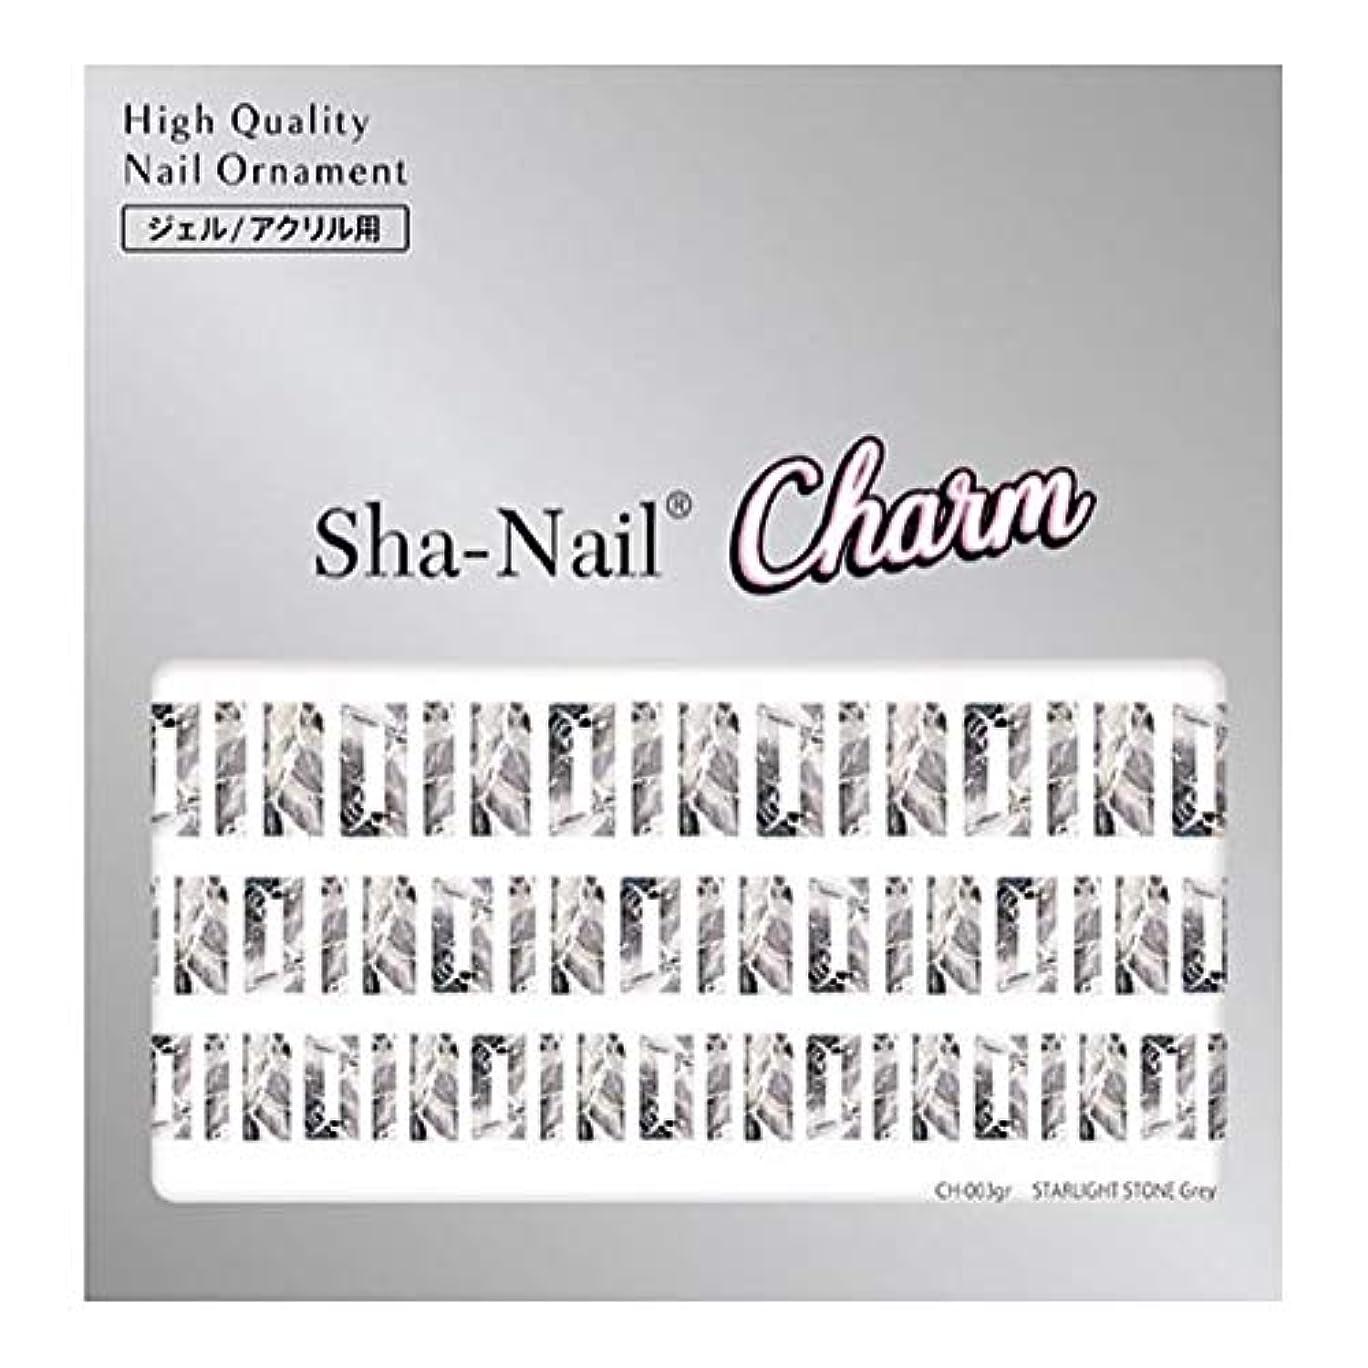 モンゴメリー絶対に草Sha-Nail Charm(シャネイルチャーム) Sha-Nail Charm スターライトストーン グレー 1枚